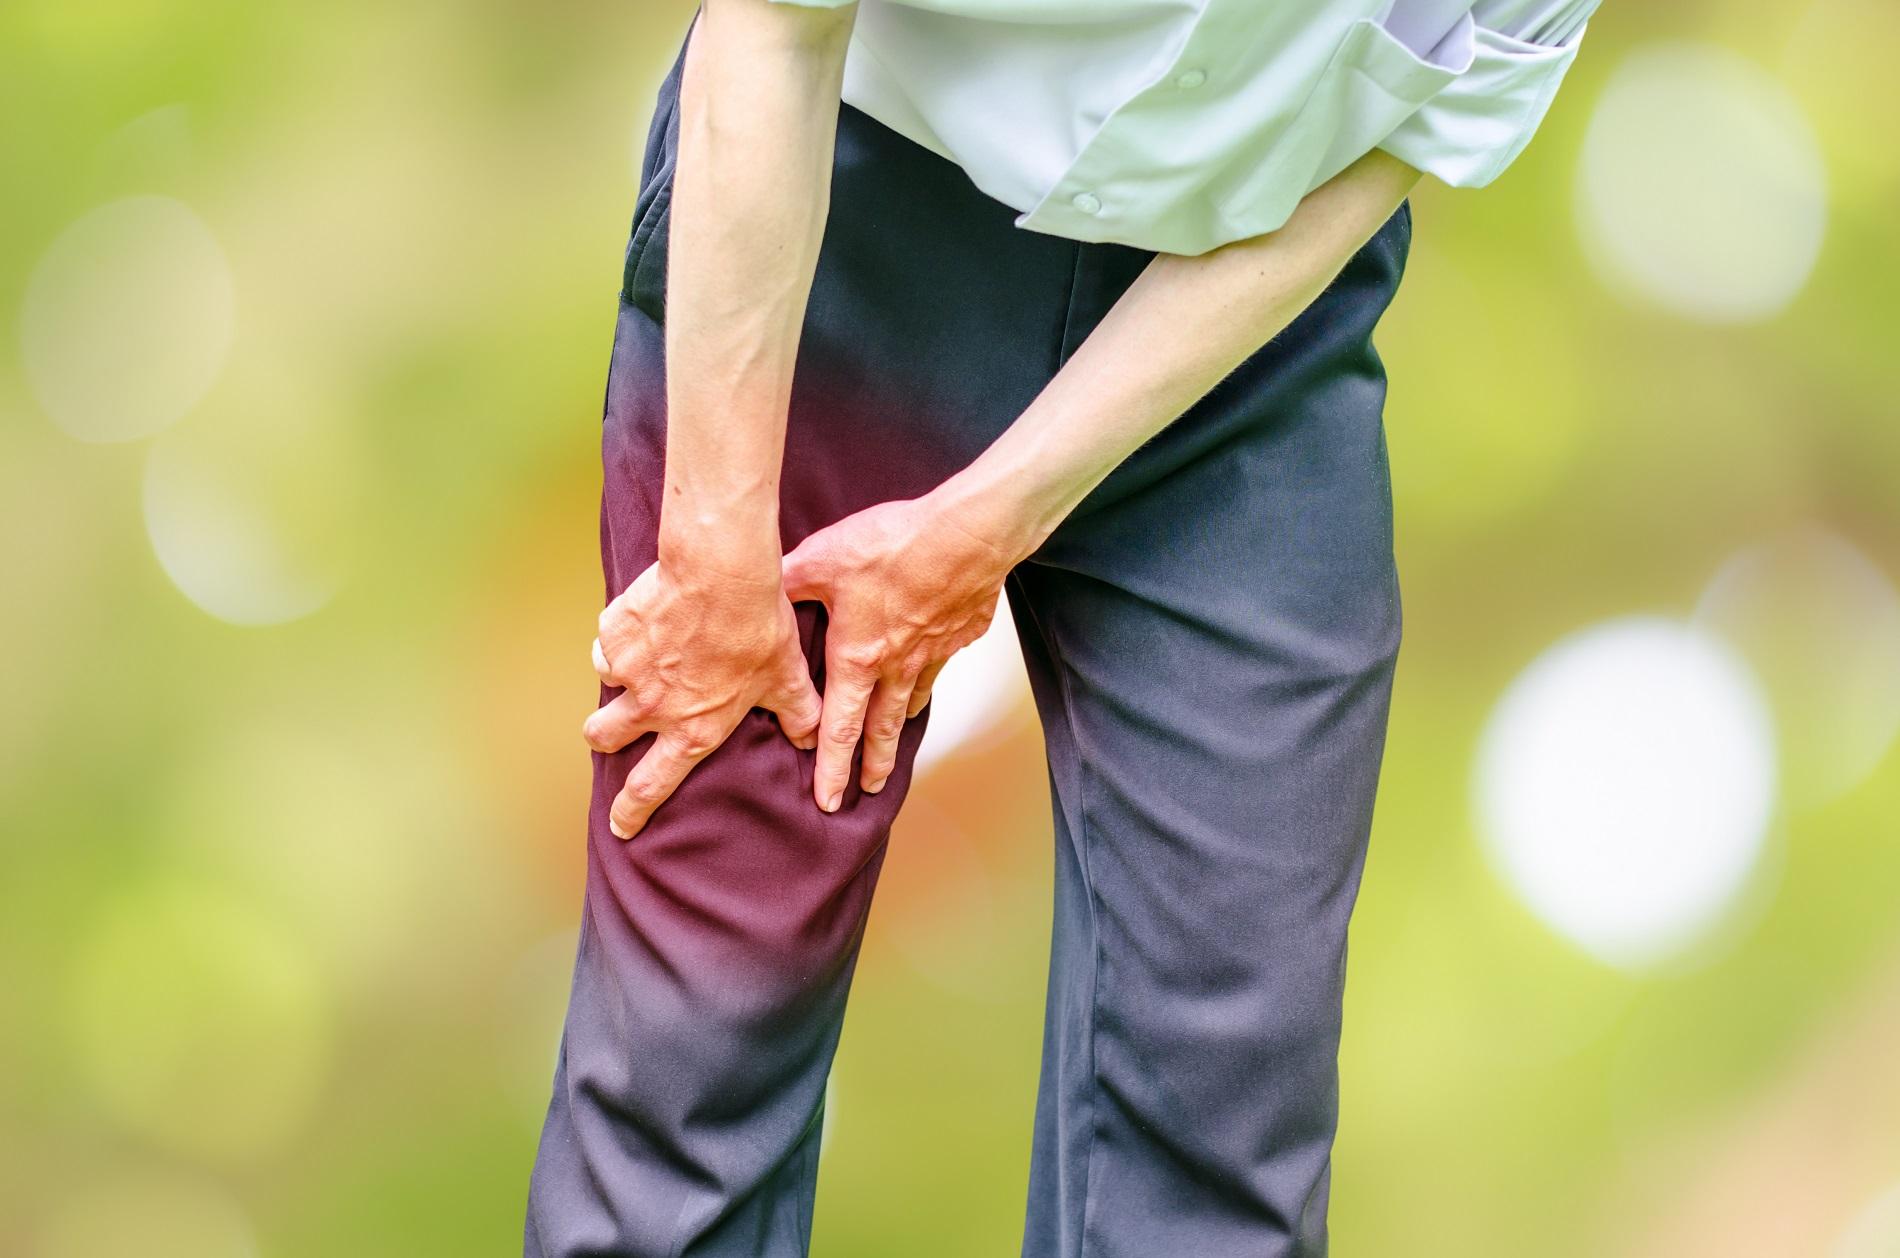 fórum artrosis és kezelése